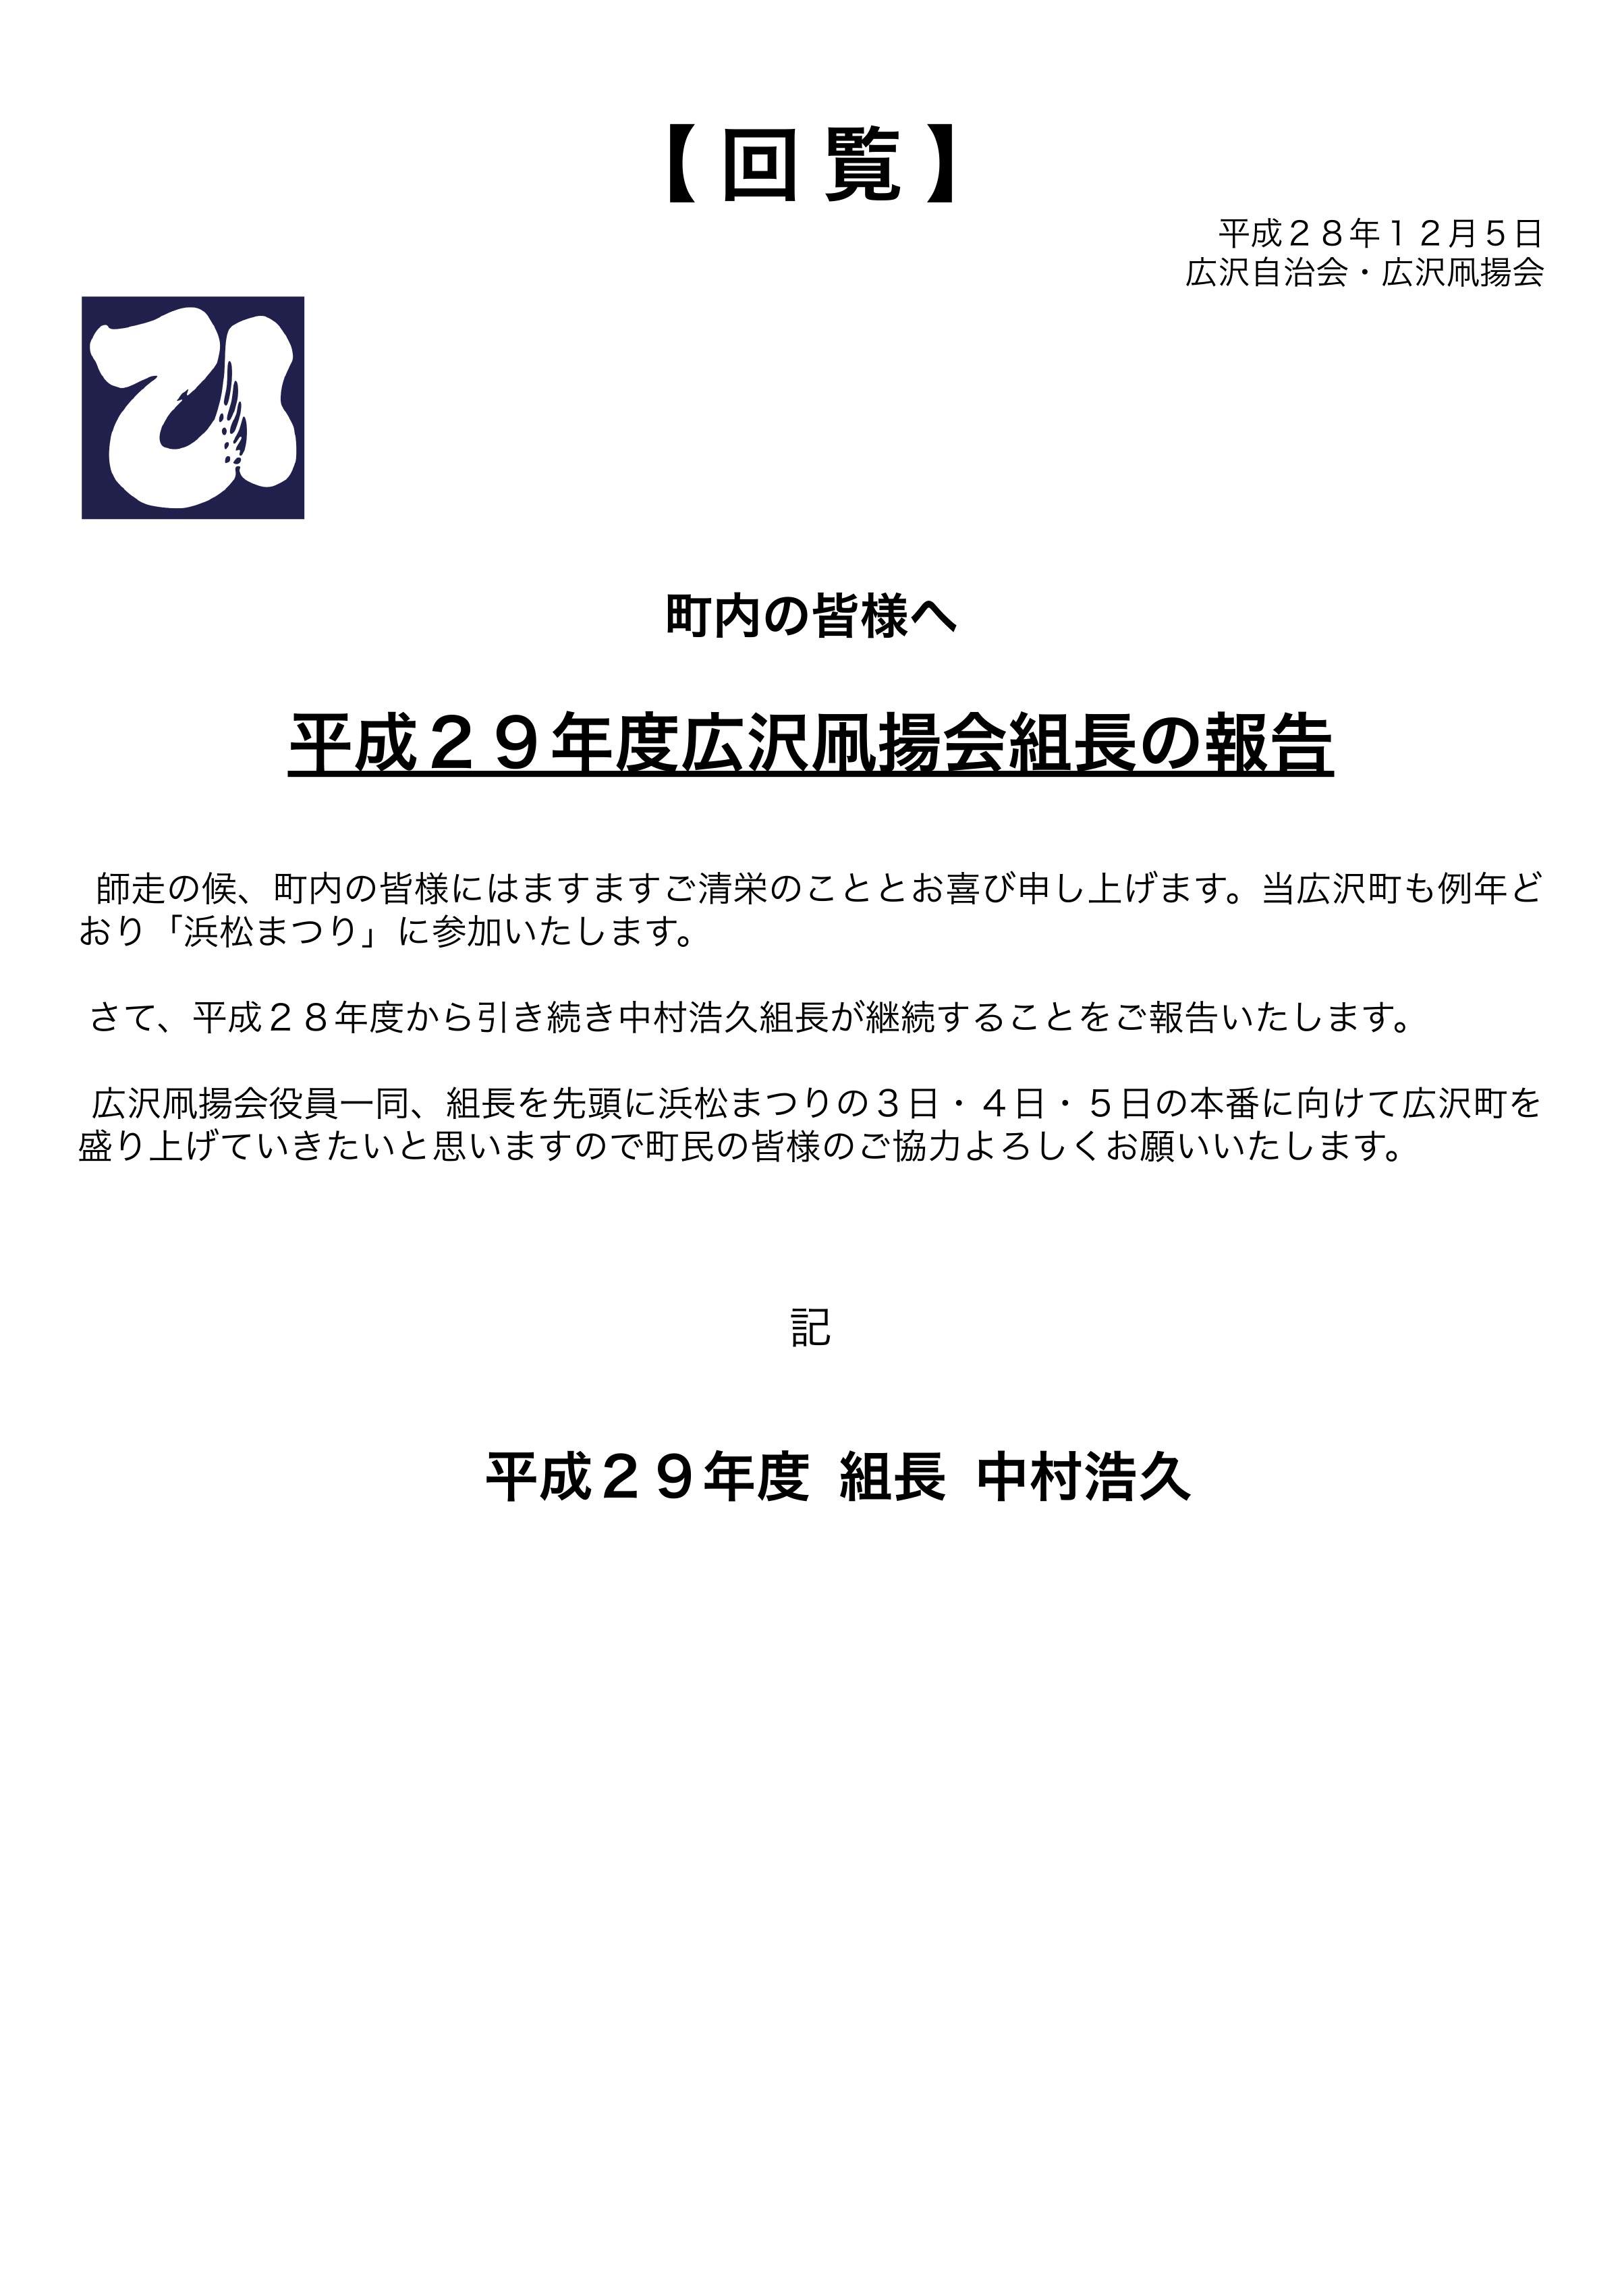 【回覧】平成29年度広沢凧揚会組長の報告